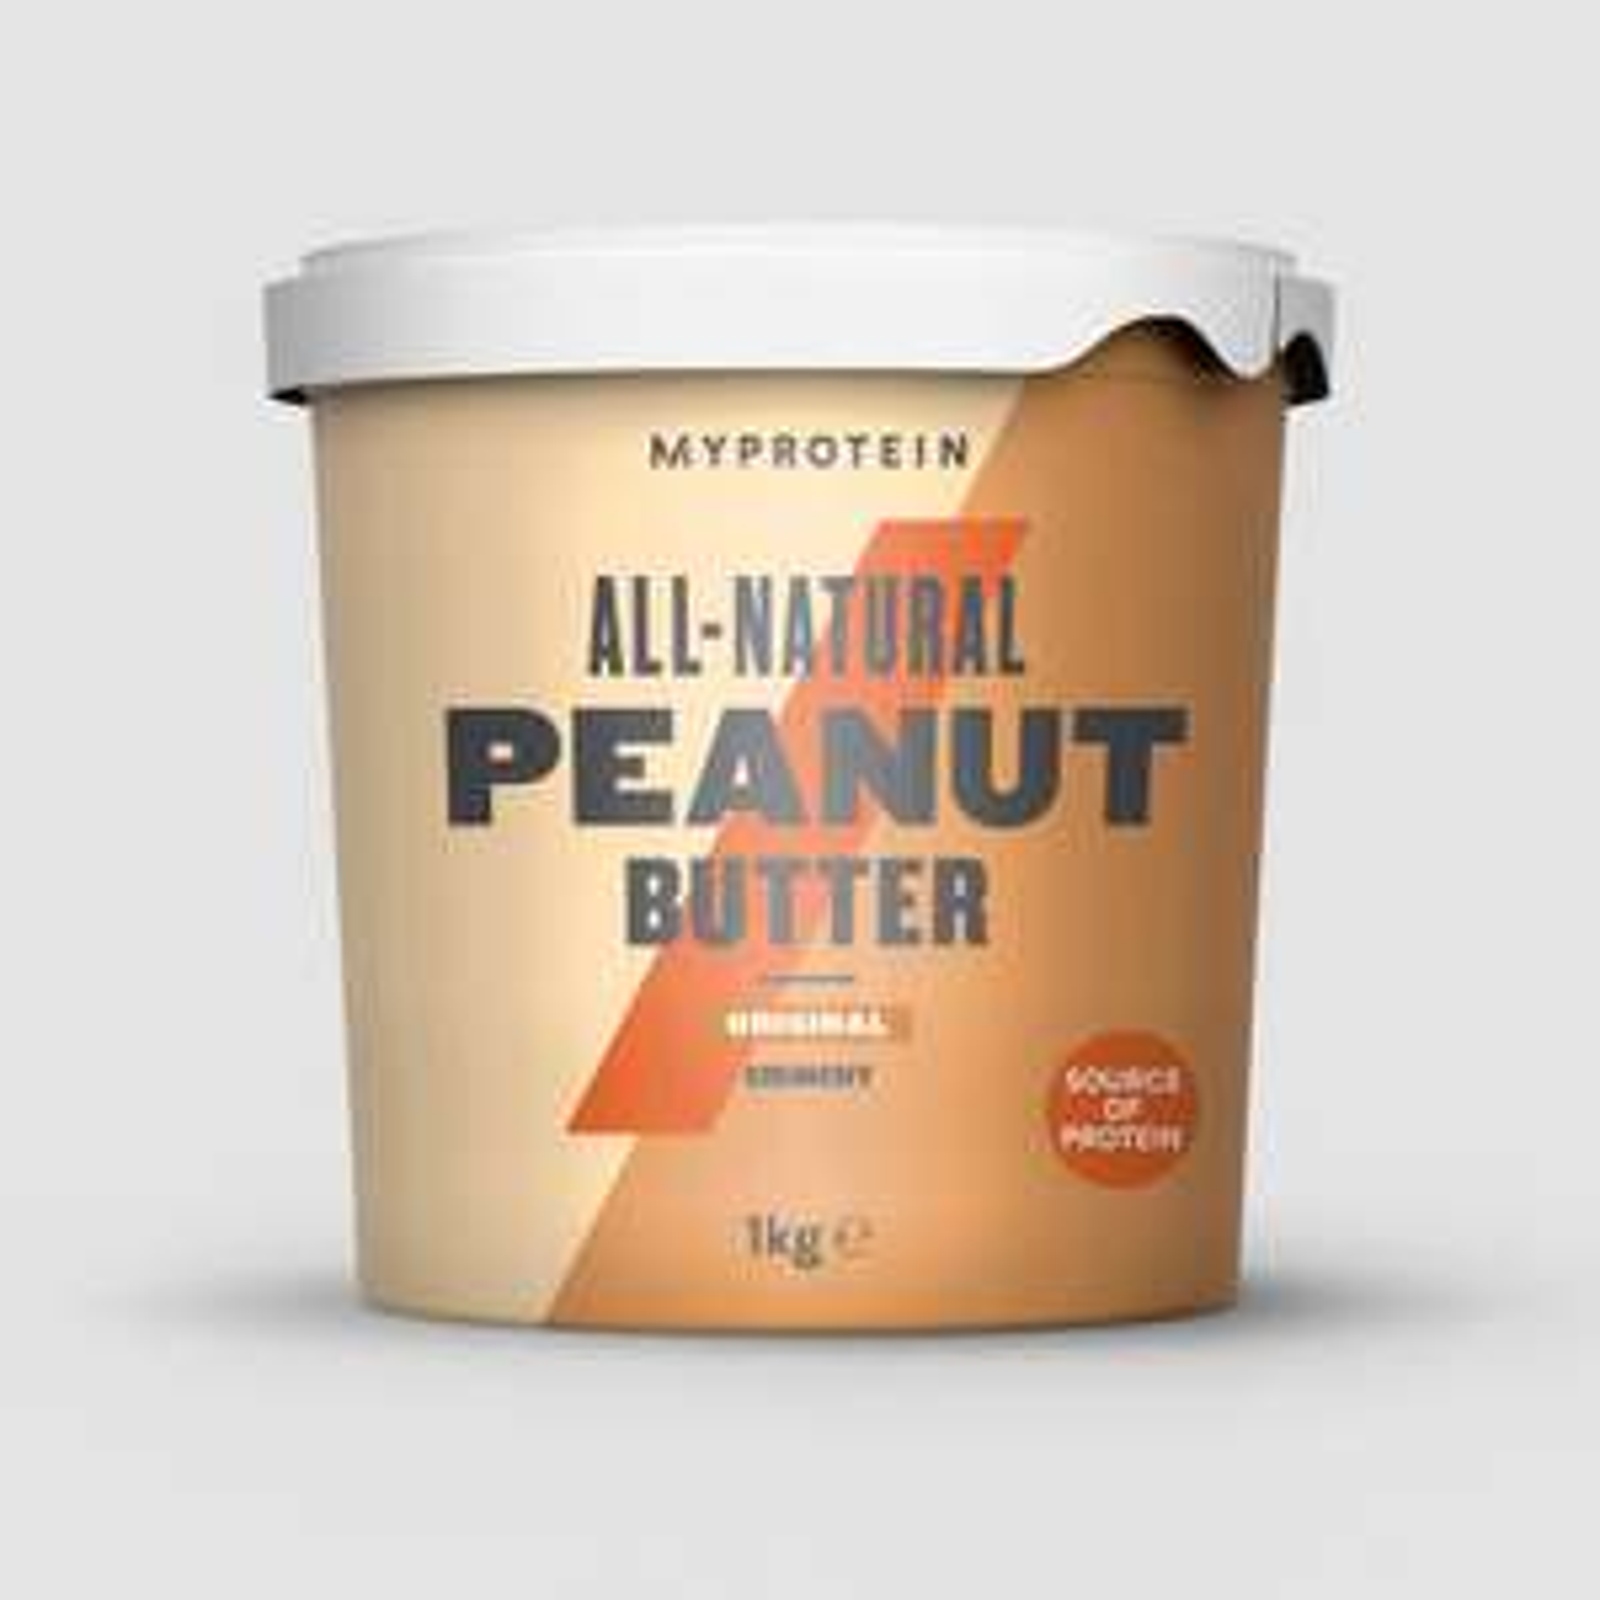 [iGraal] MyProtein Erdnussbutter 3x1kg, 4,99/kg möglich durch Rabatt+Cashback für eff. 14,98€